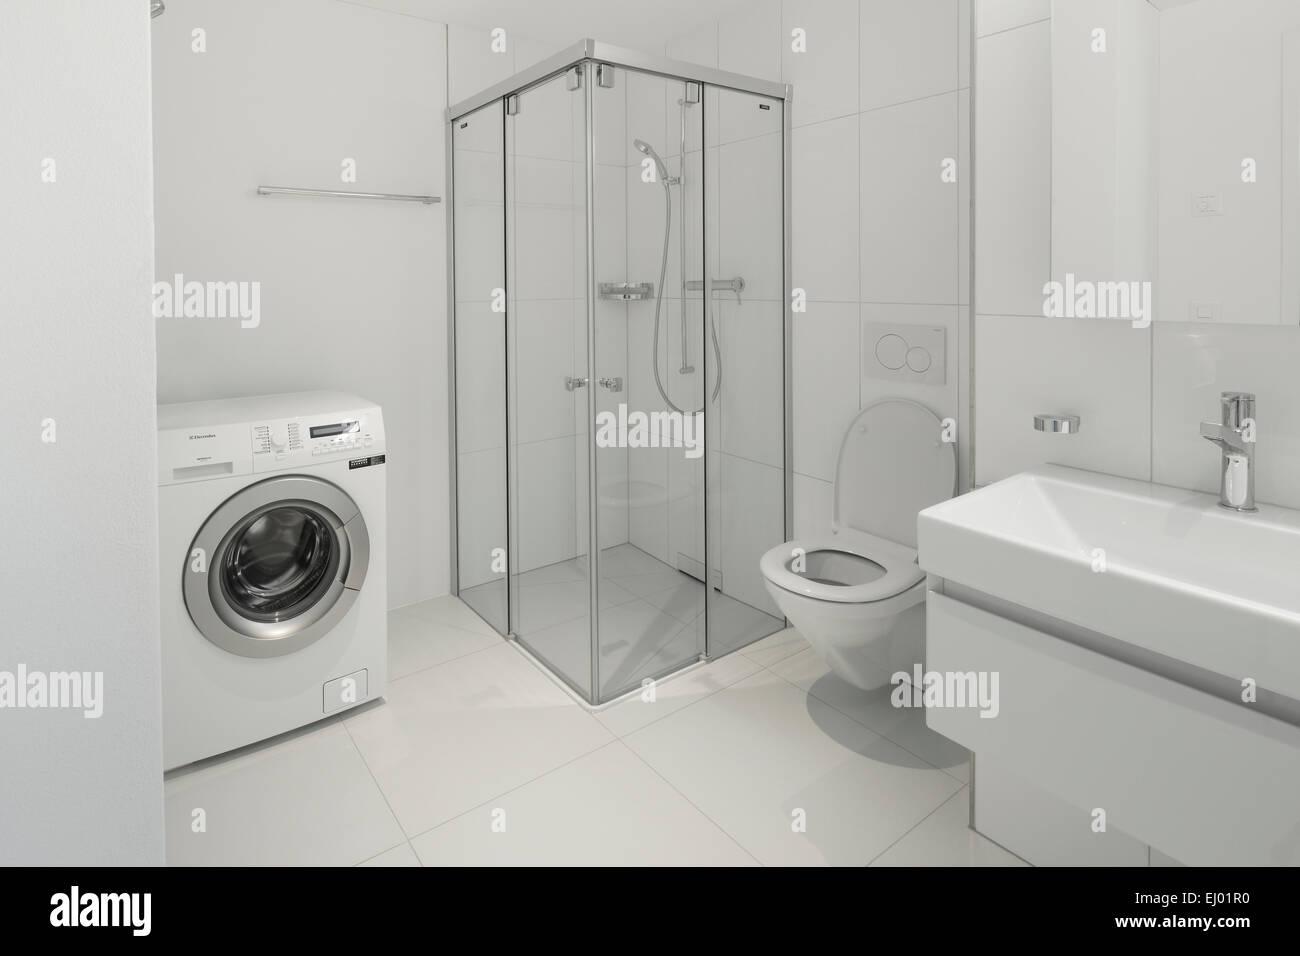 Architektur, Badewanne, Badezimmer, Haus, Haus, Interieur, Schweiz ...